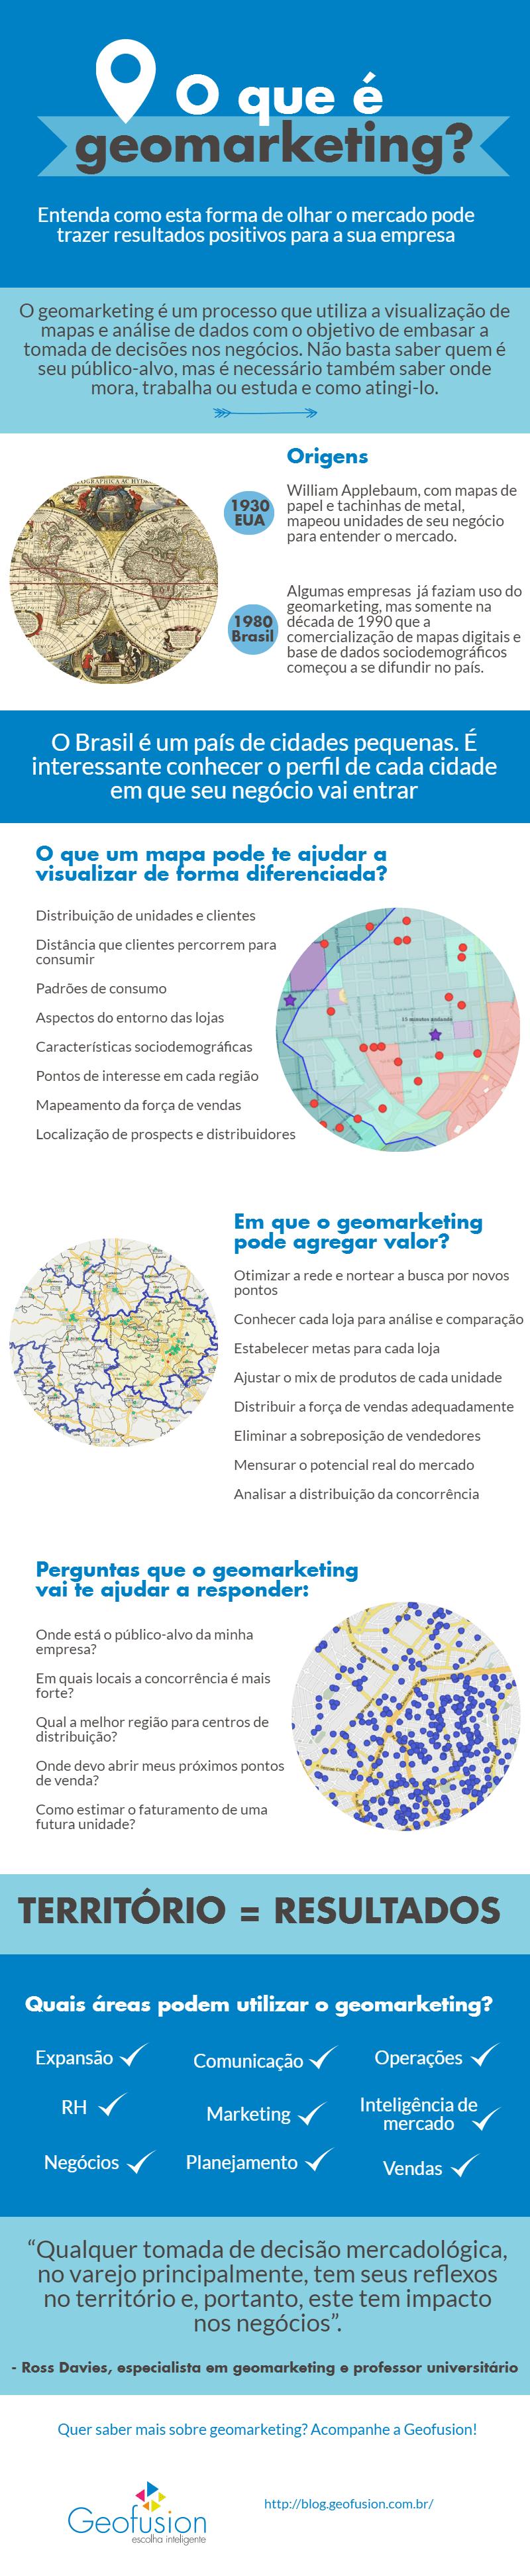 o-que-e-geomarketing